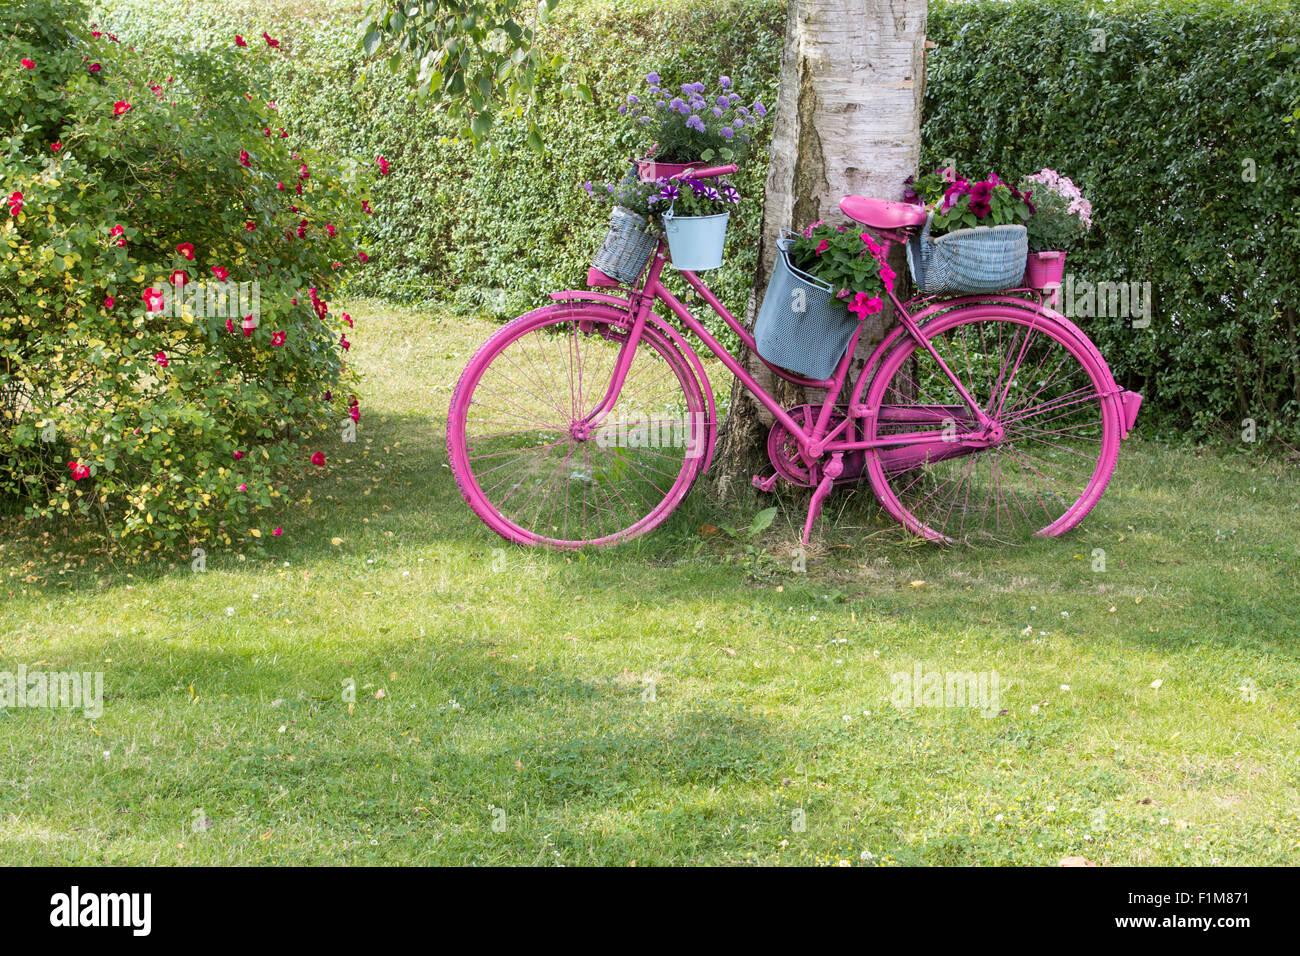 Un vélo rose avec des fleurs est comme décoration dans le ...